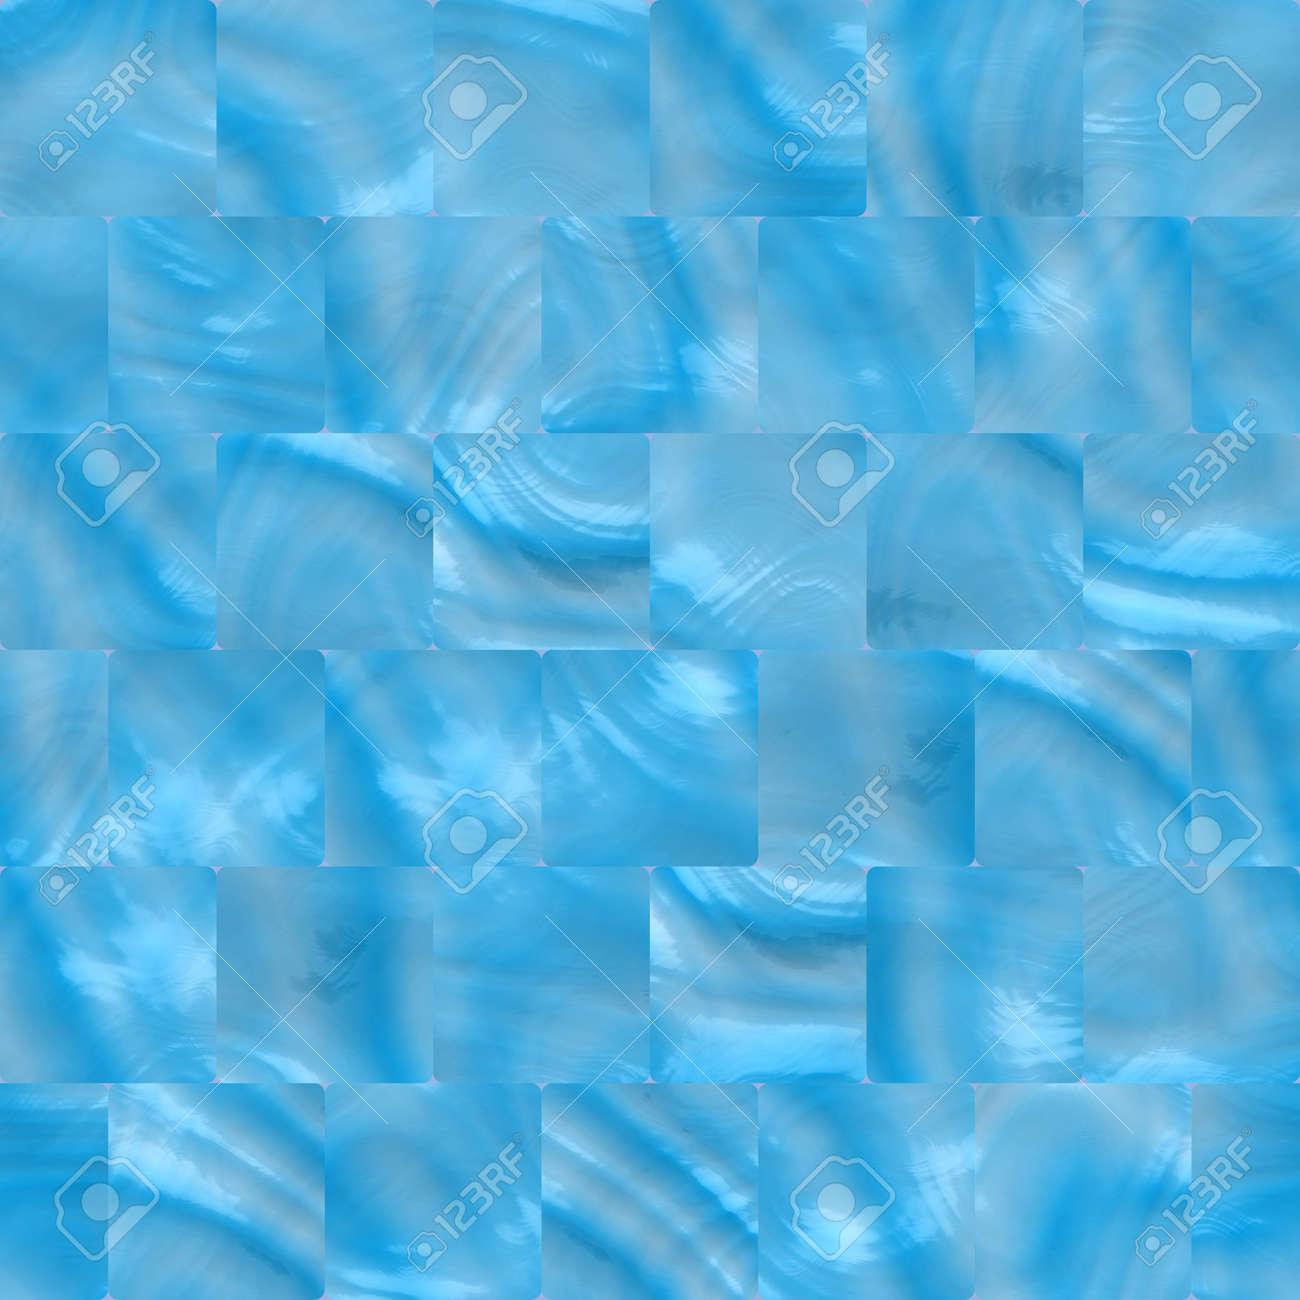 Light blue tiles bathroom - Stock Photo Light Blue Ceramic Tiles For Bathroom Kitchen Or Swimming Pool Seamlessly Tillable